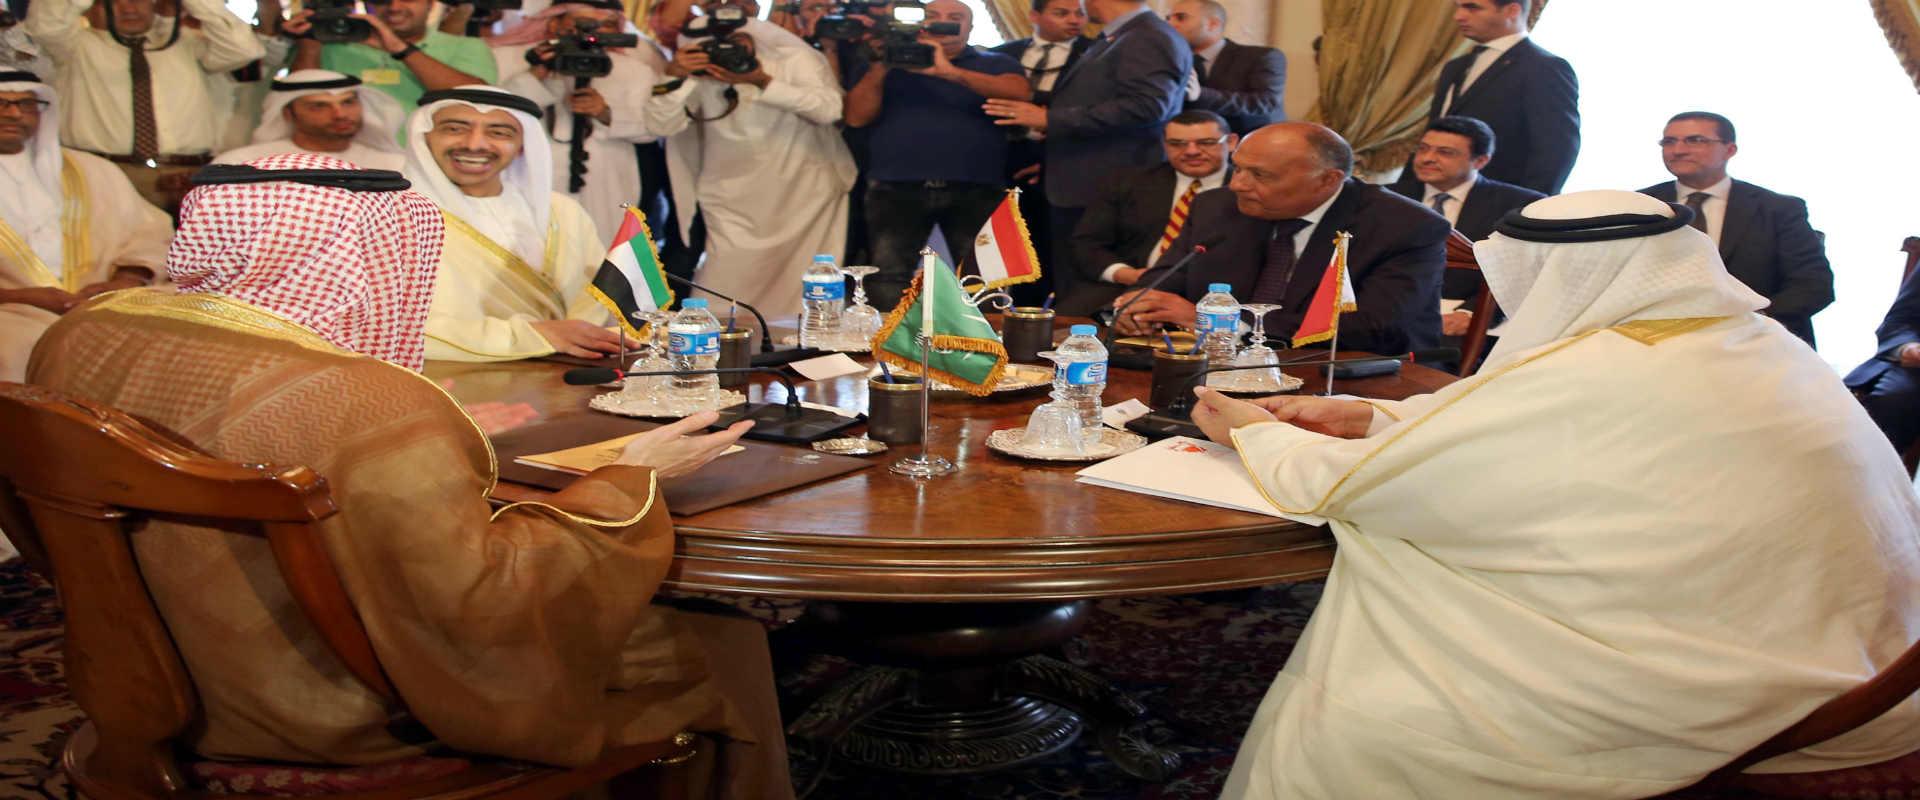 שרי החוץ של מצרים, בחריין, ערב הסעודית ואיחוד האמי